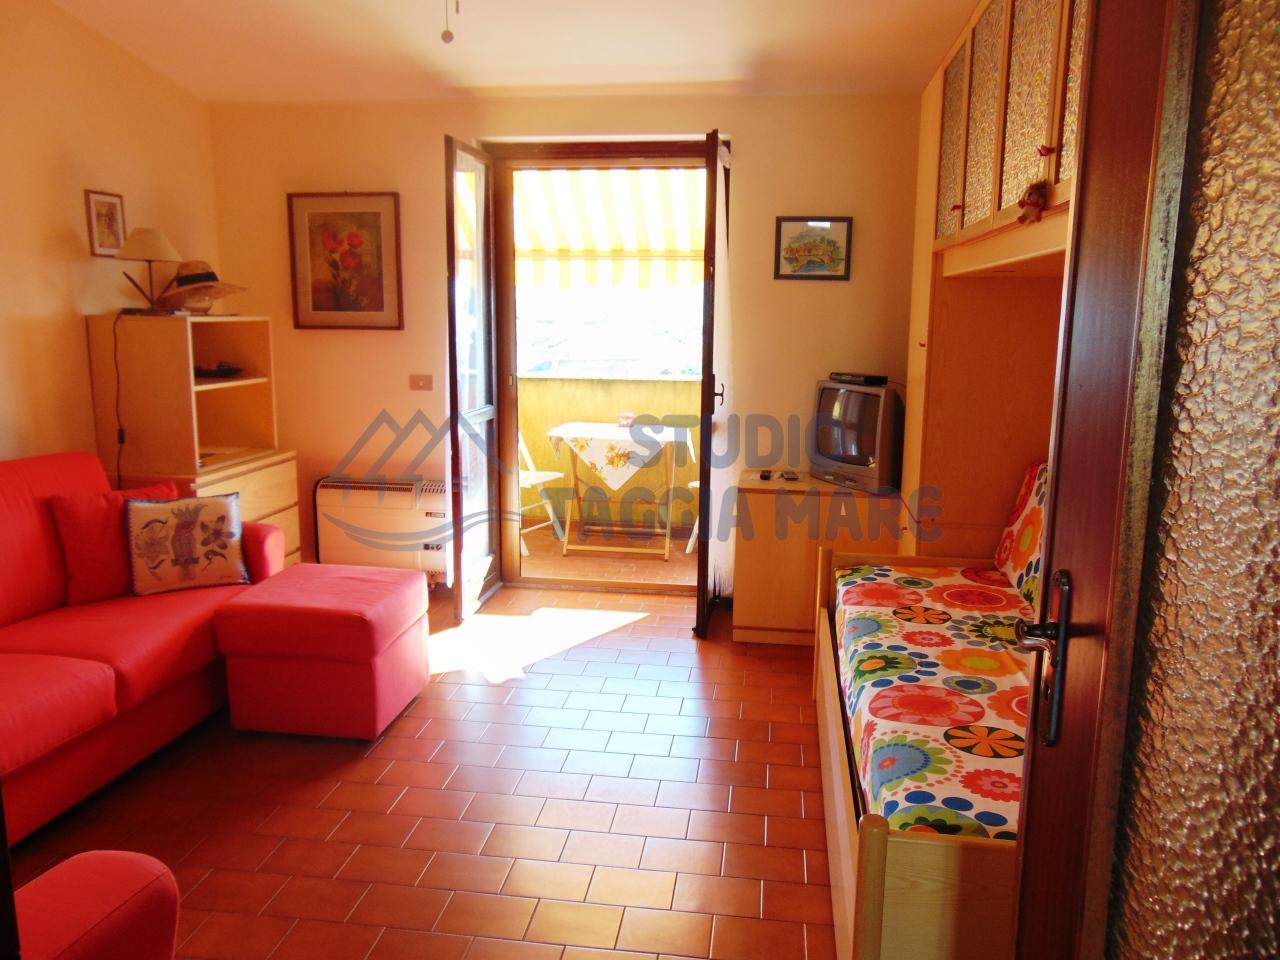 Appartamento in vendita a Pompeiana, 2 locali, prezzo € 85.000 | CambioCasa.it